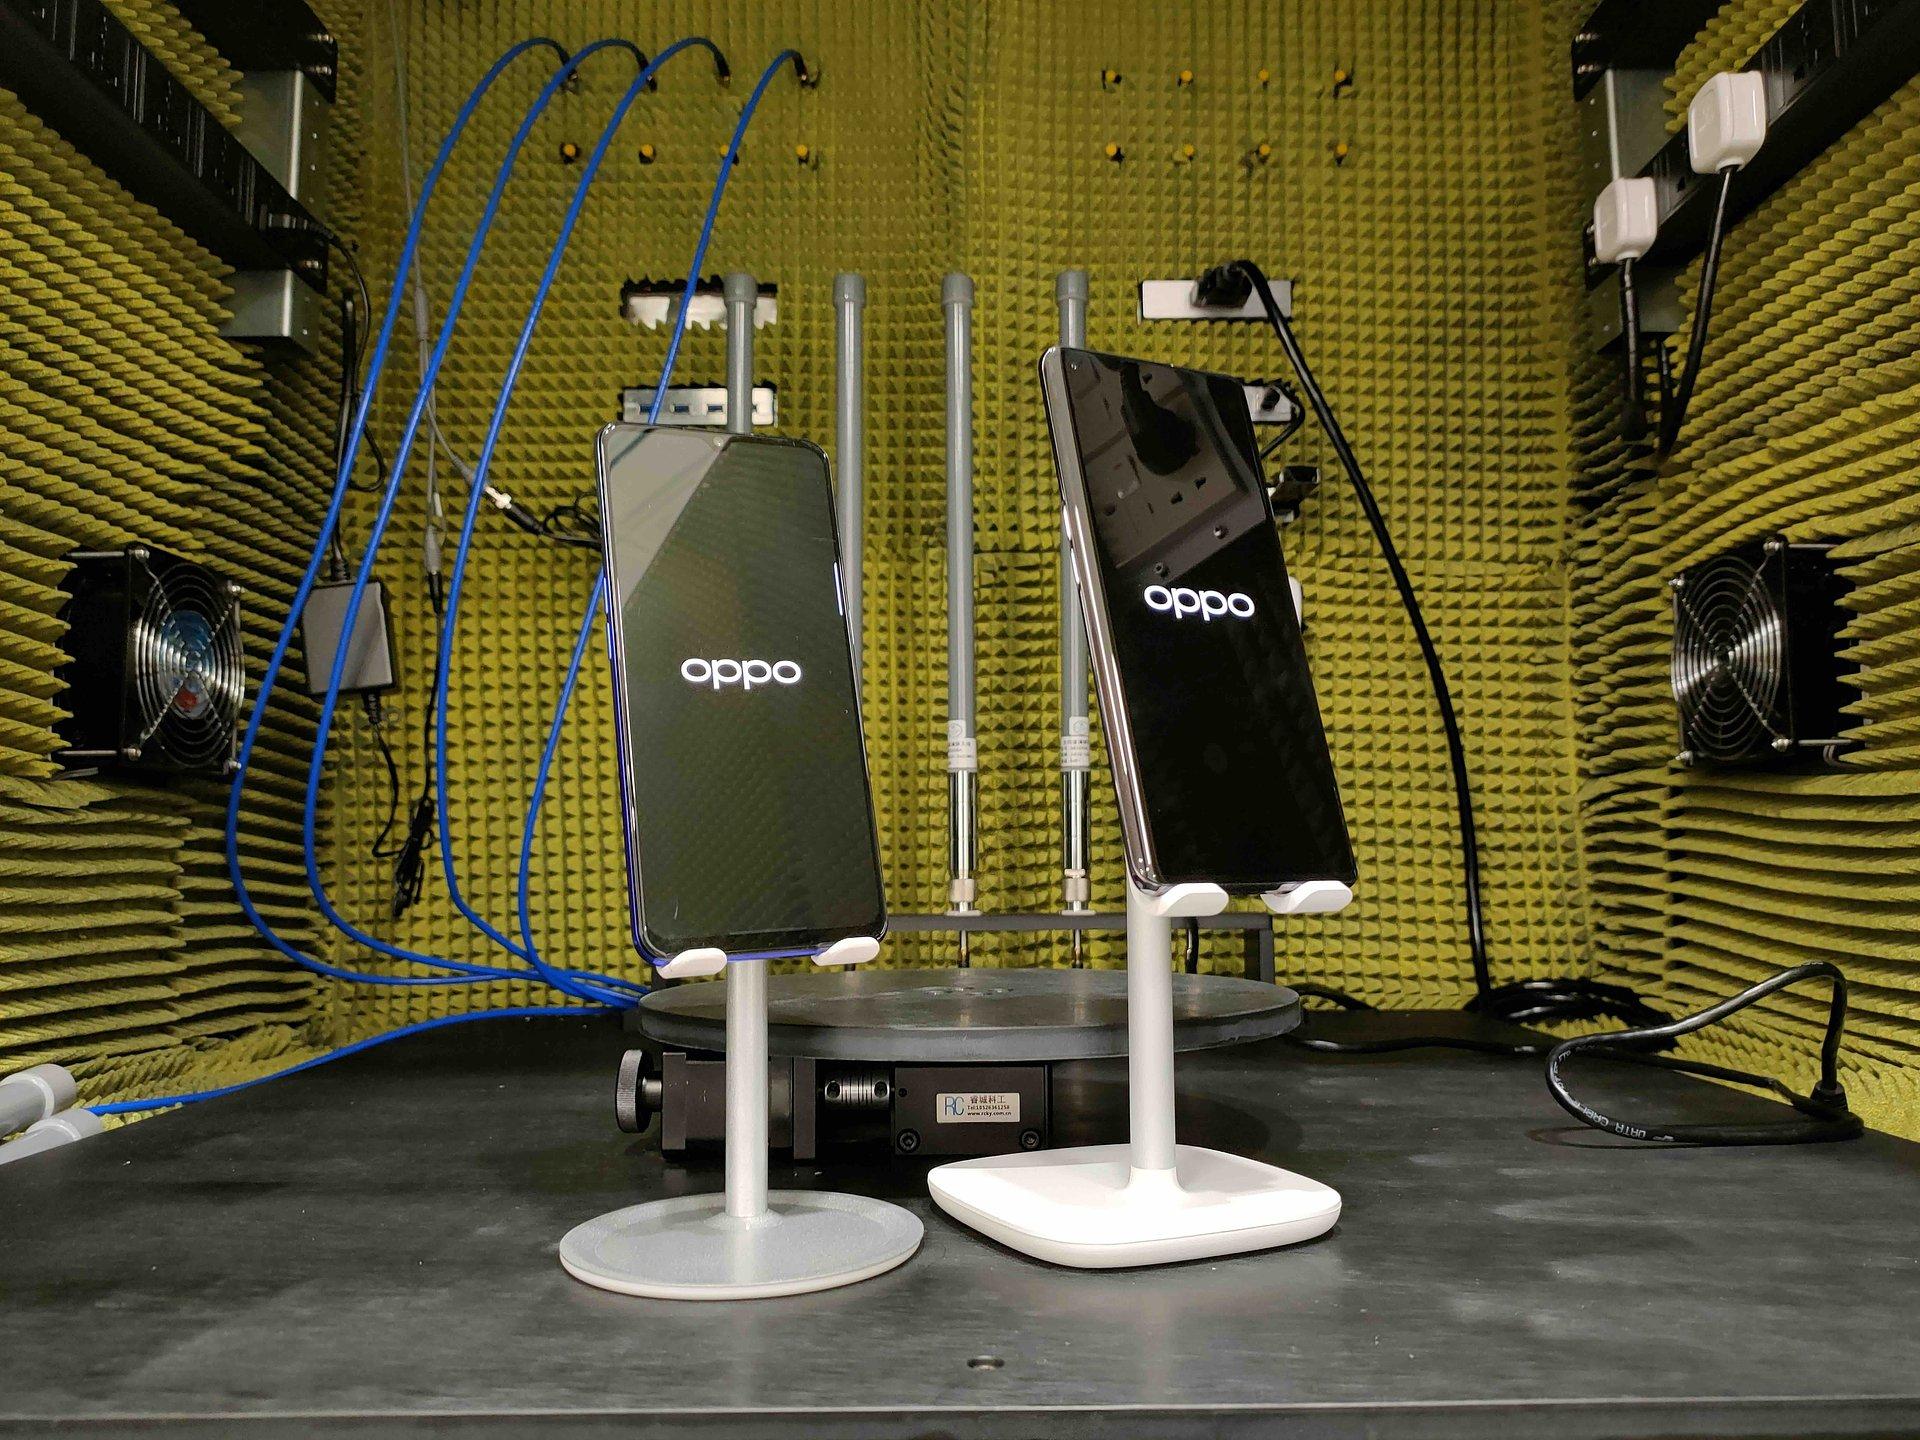 OPPO partnerem w procesie tworzenia pierwszej samodzielnej sieci 5G na terenie Wielkiej Brytanii